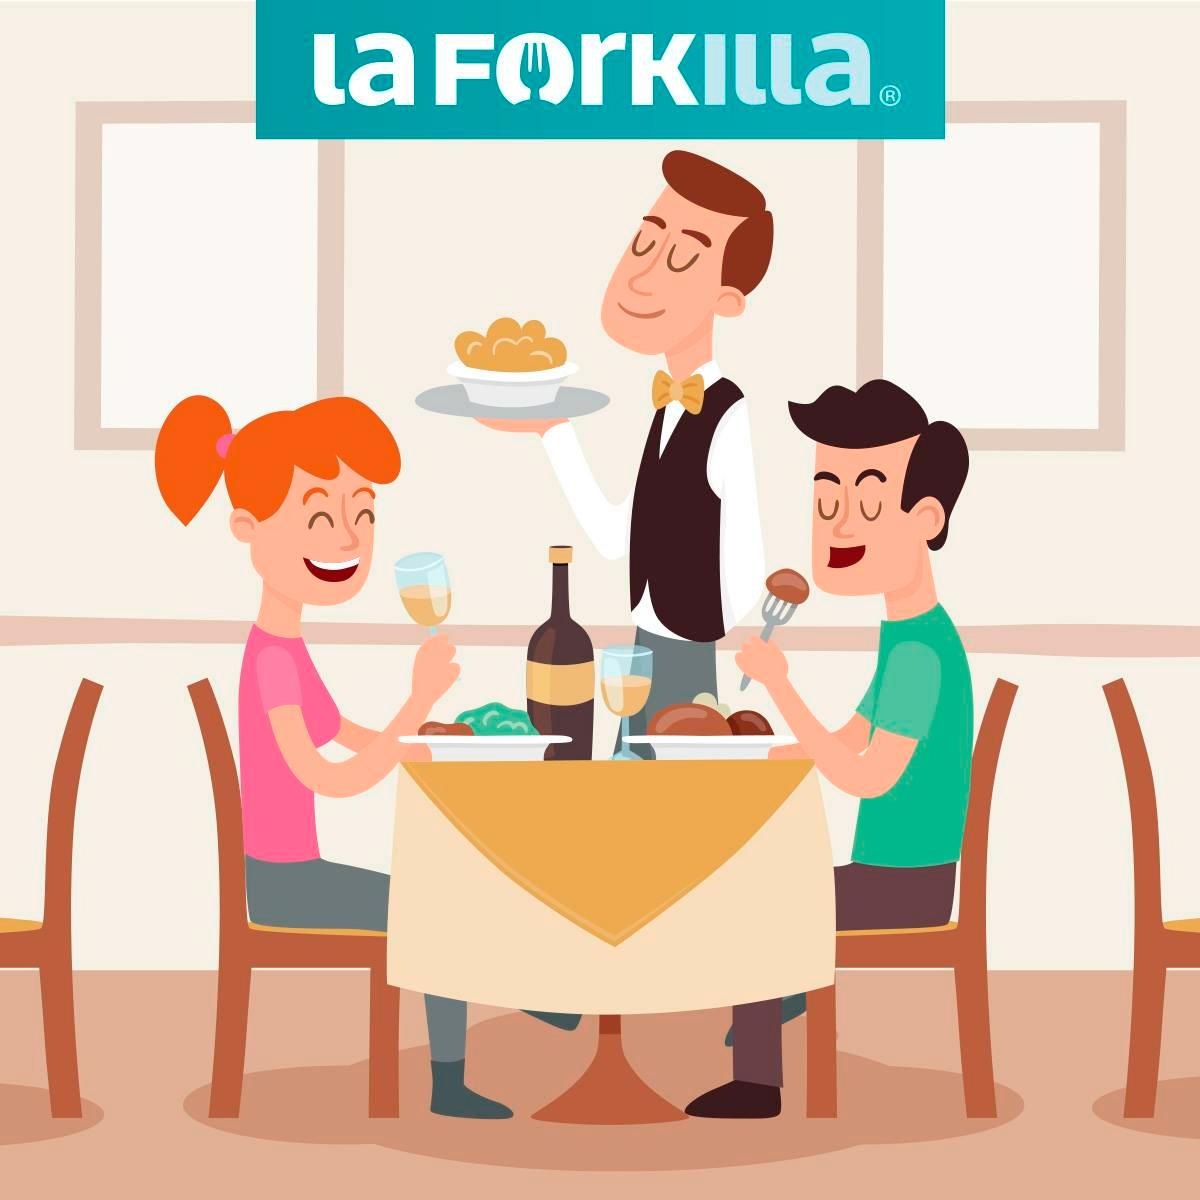 LA FORKILLA